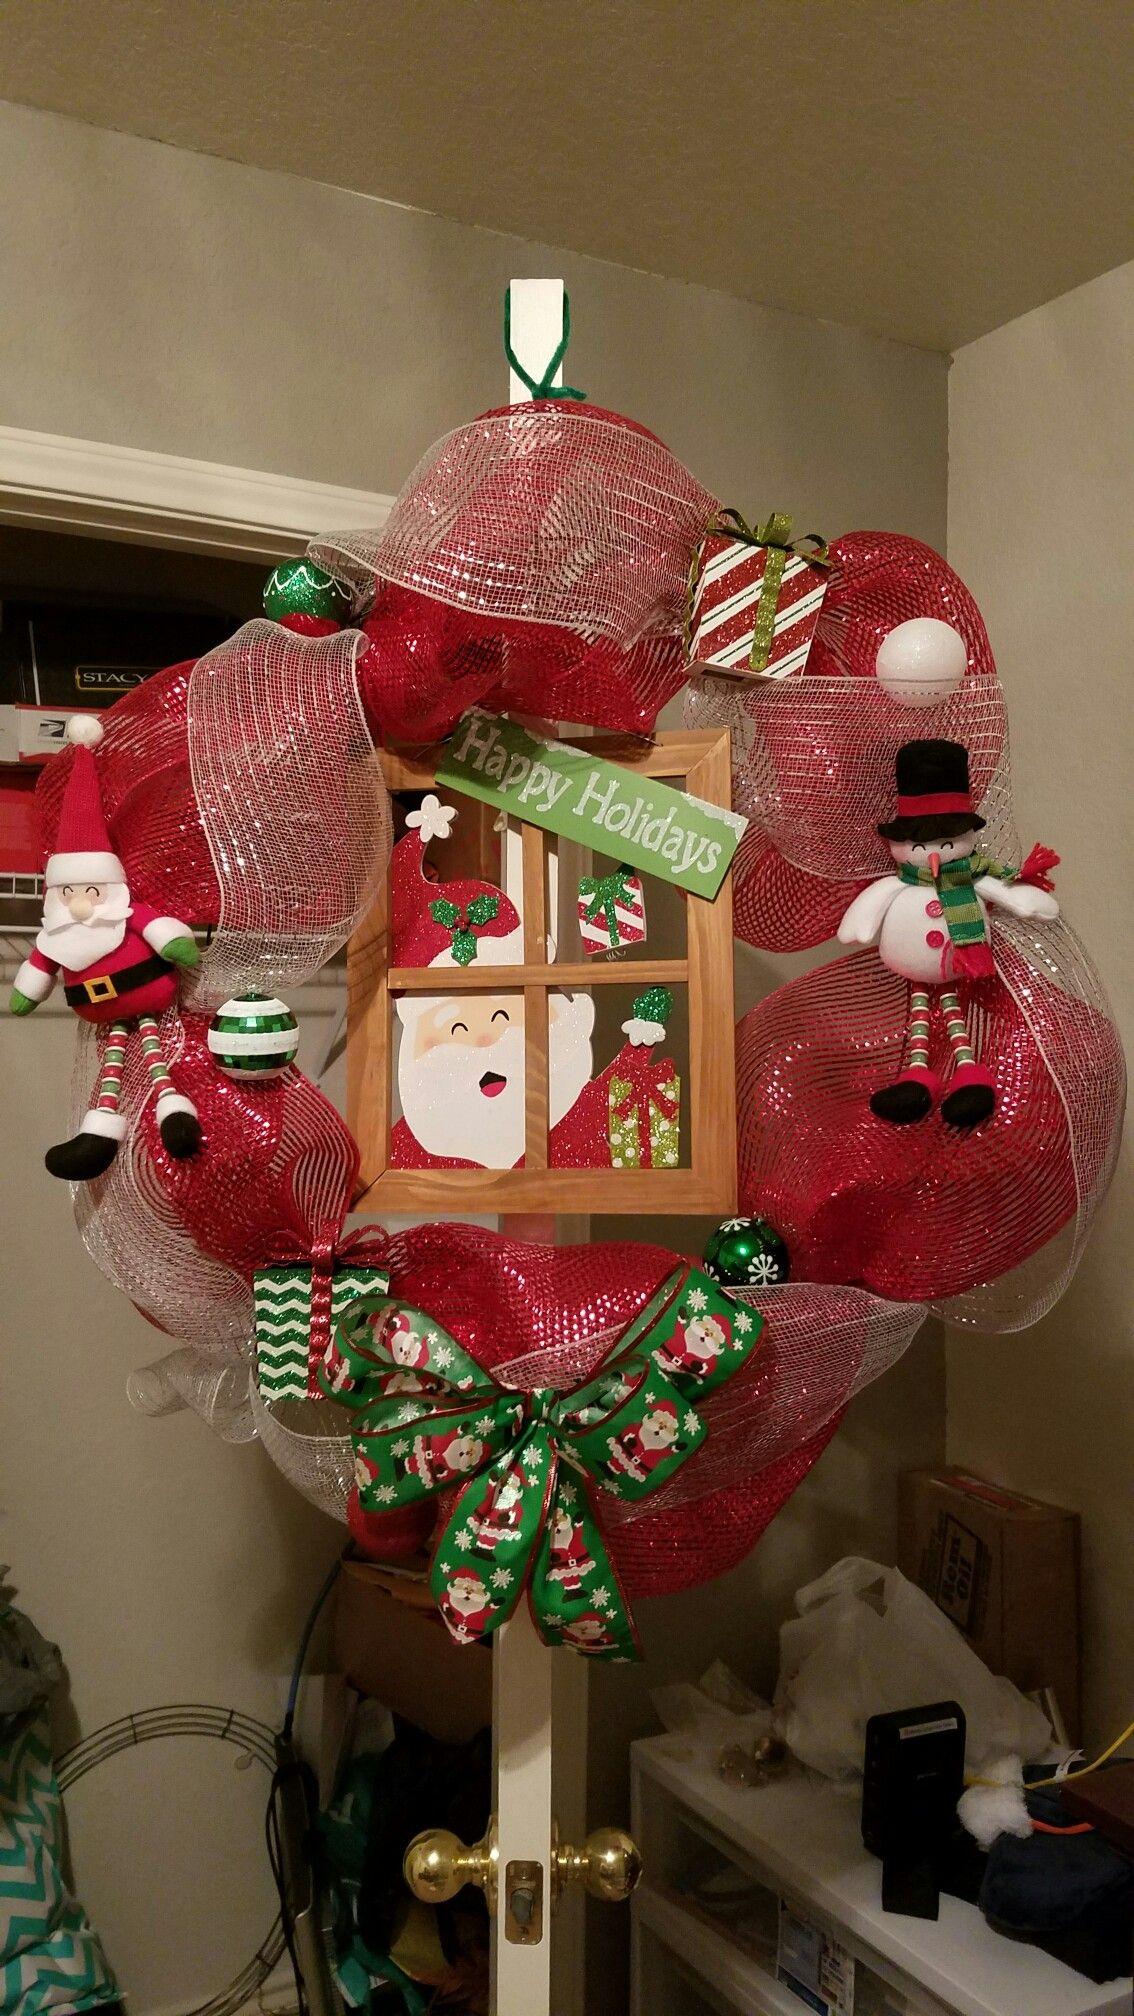 Santa's coming mesh wreath.